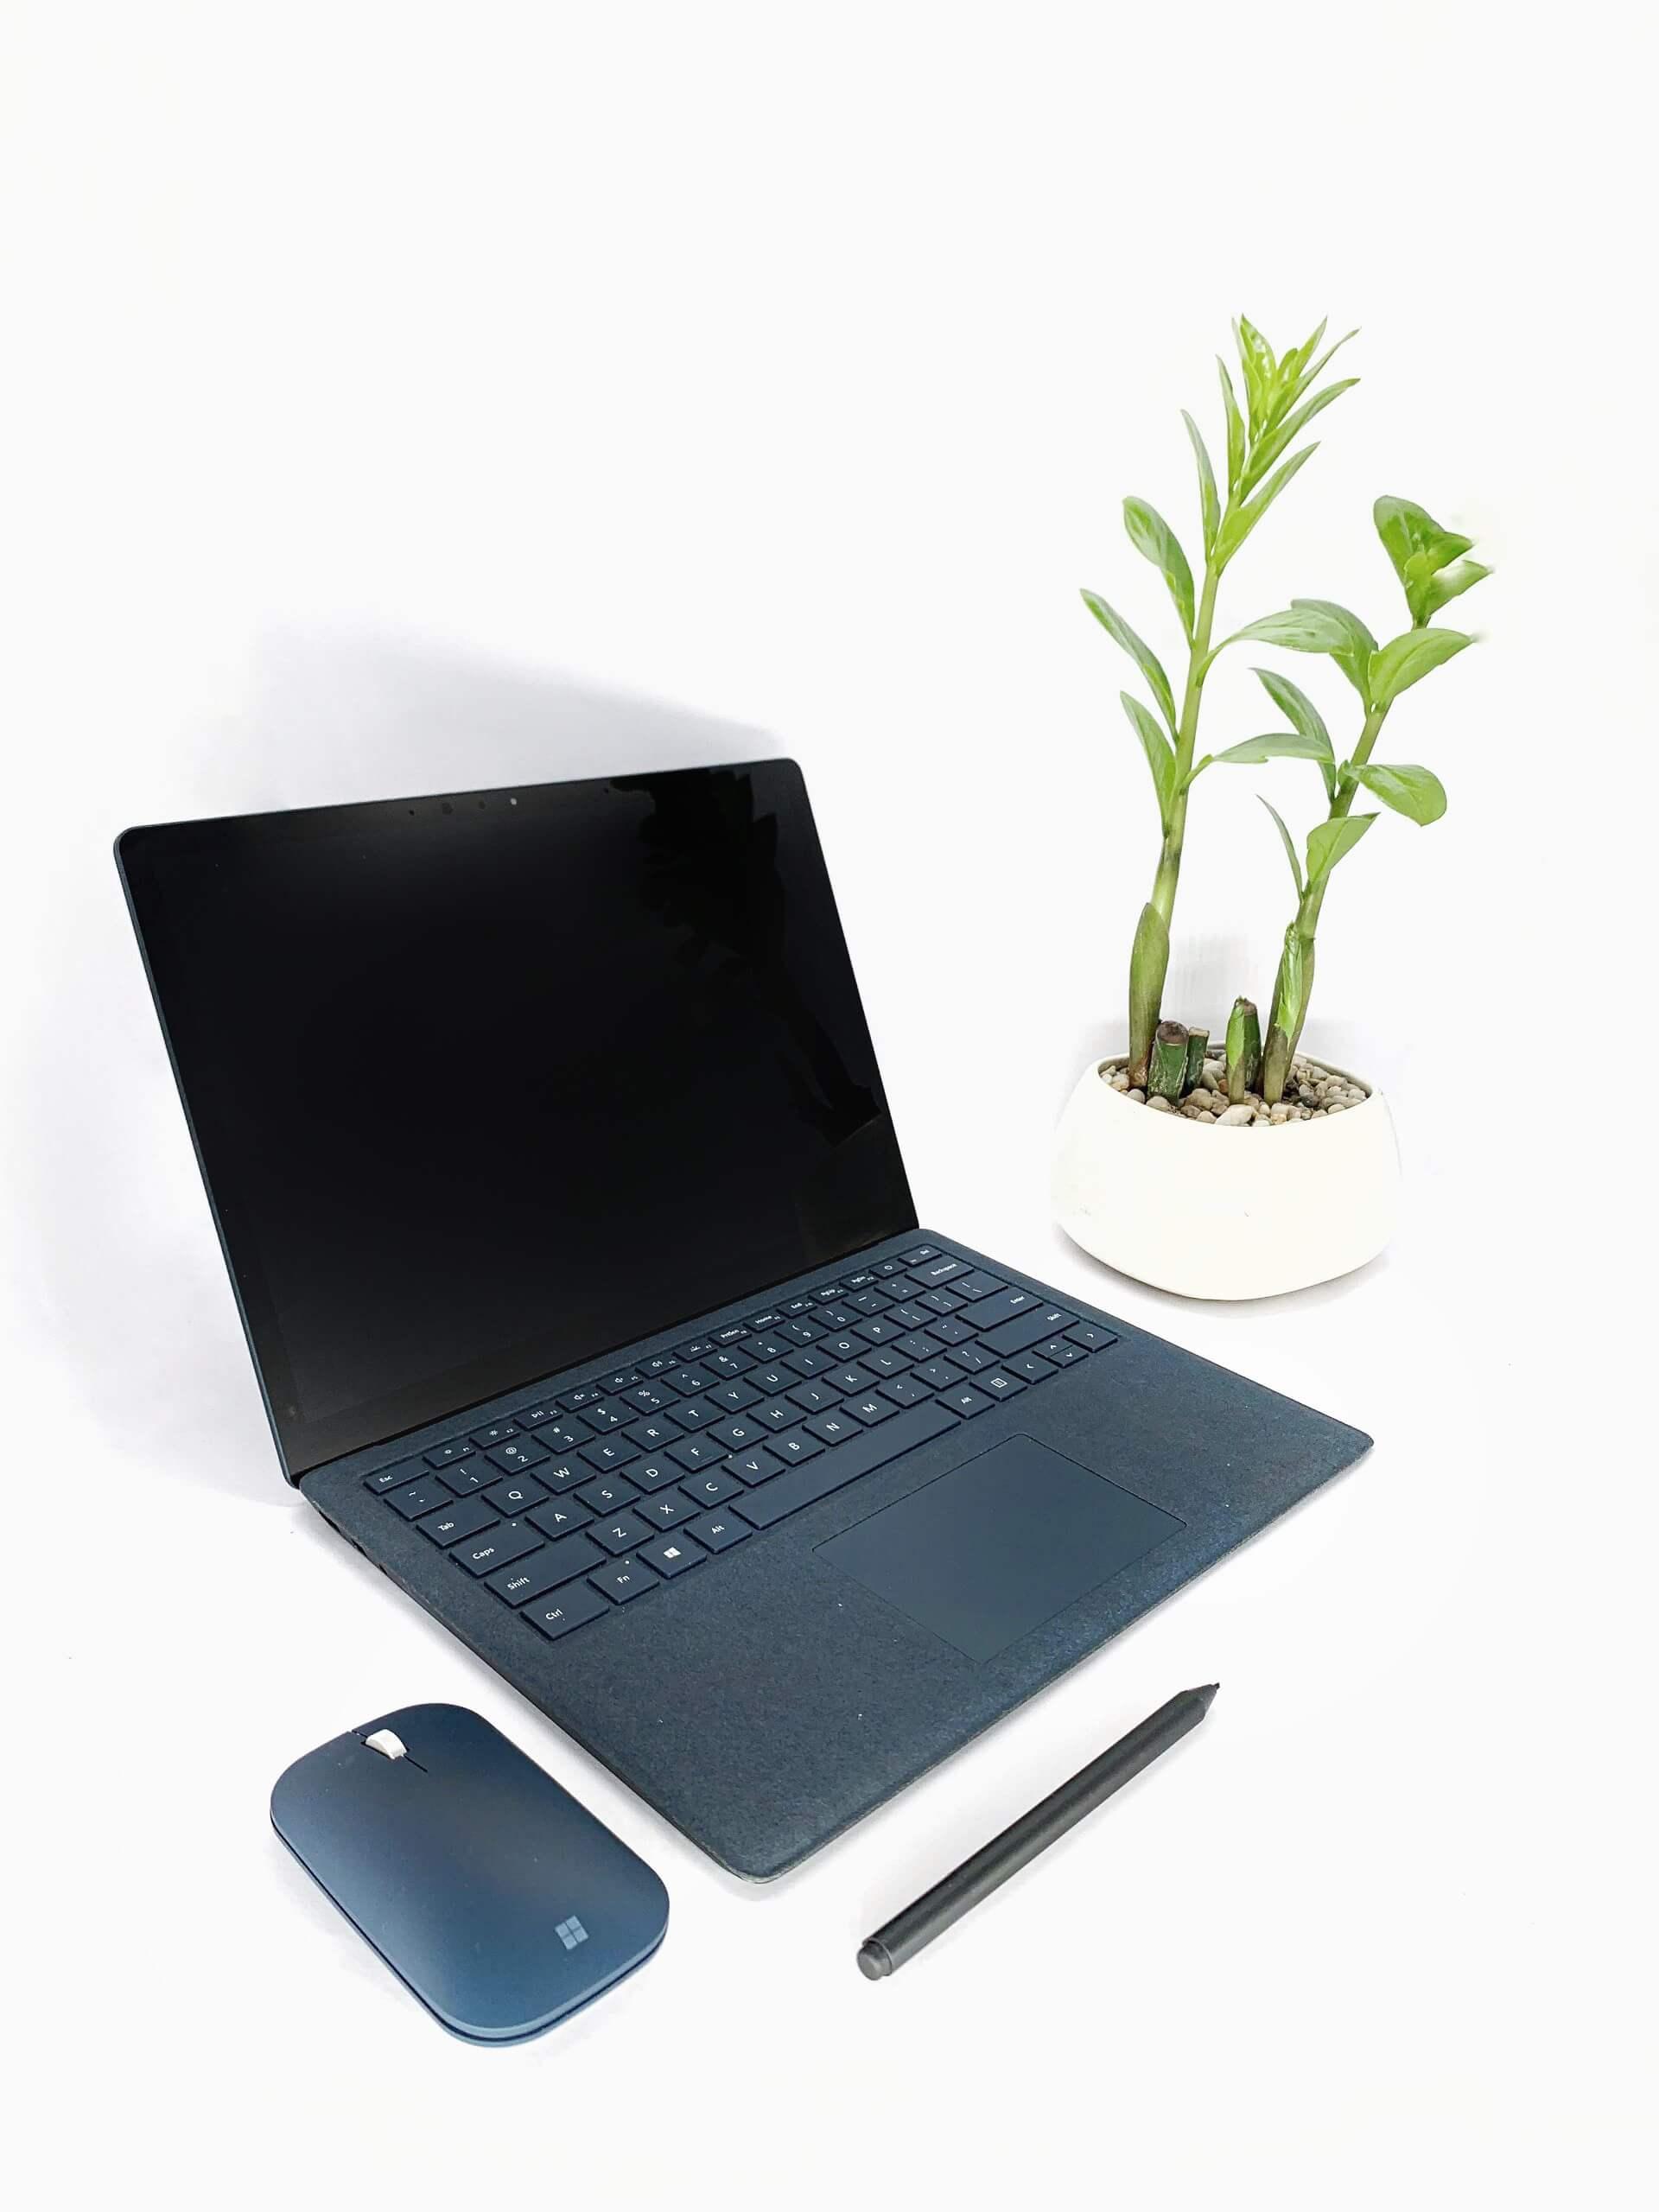 các dòng máy tính surface